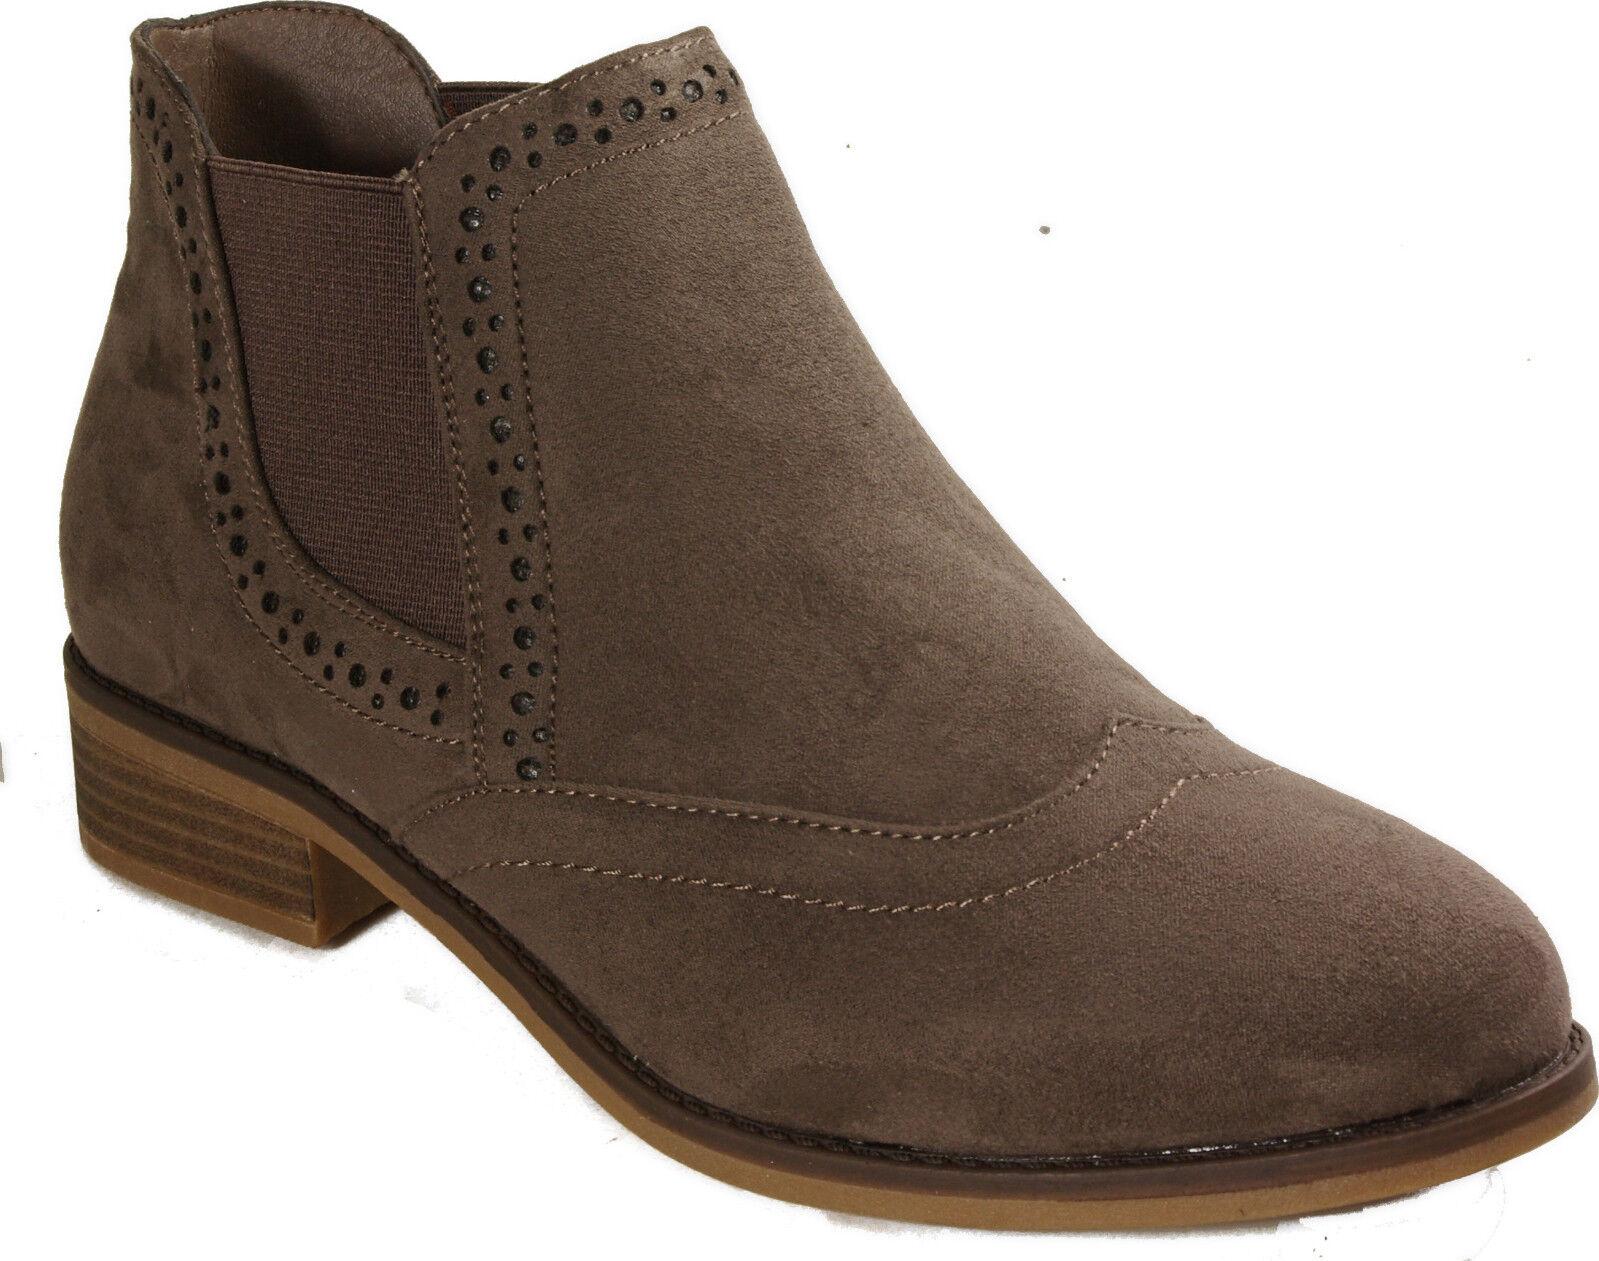 Rieker Rieker Rieker zapatos botines botas chelsea marrón textil forraje nuevo  el precio más bajo